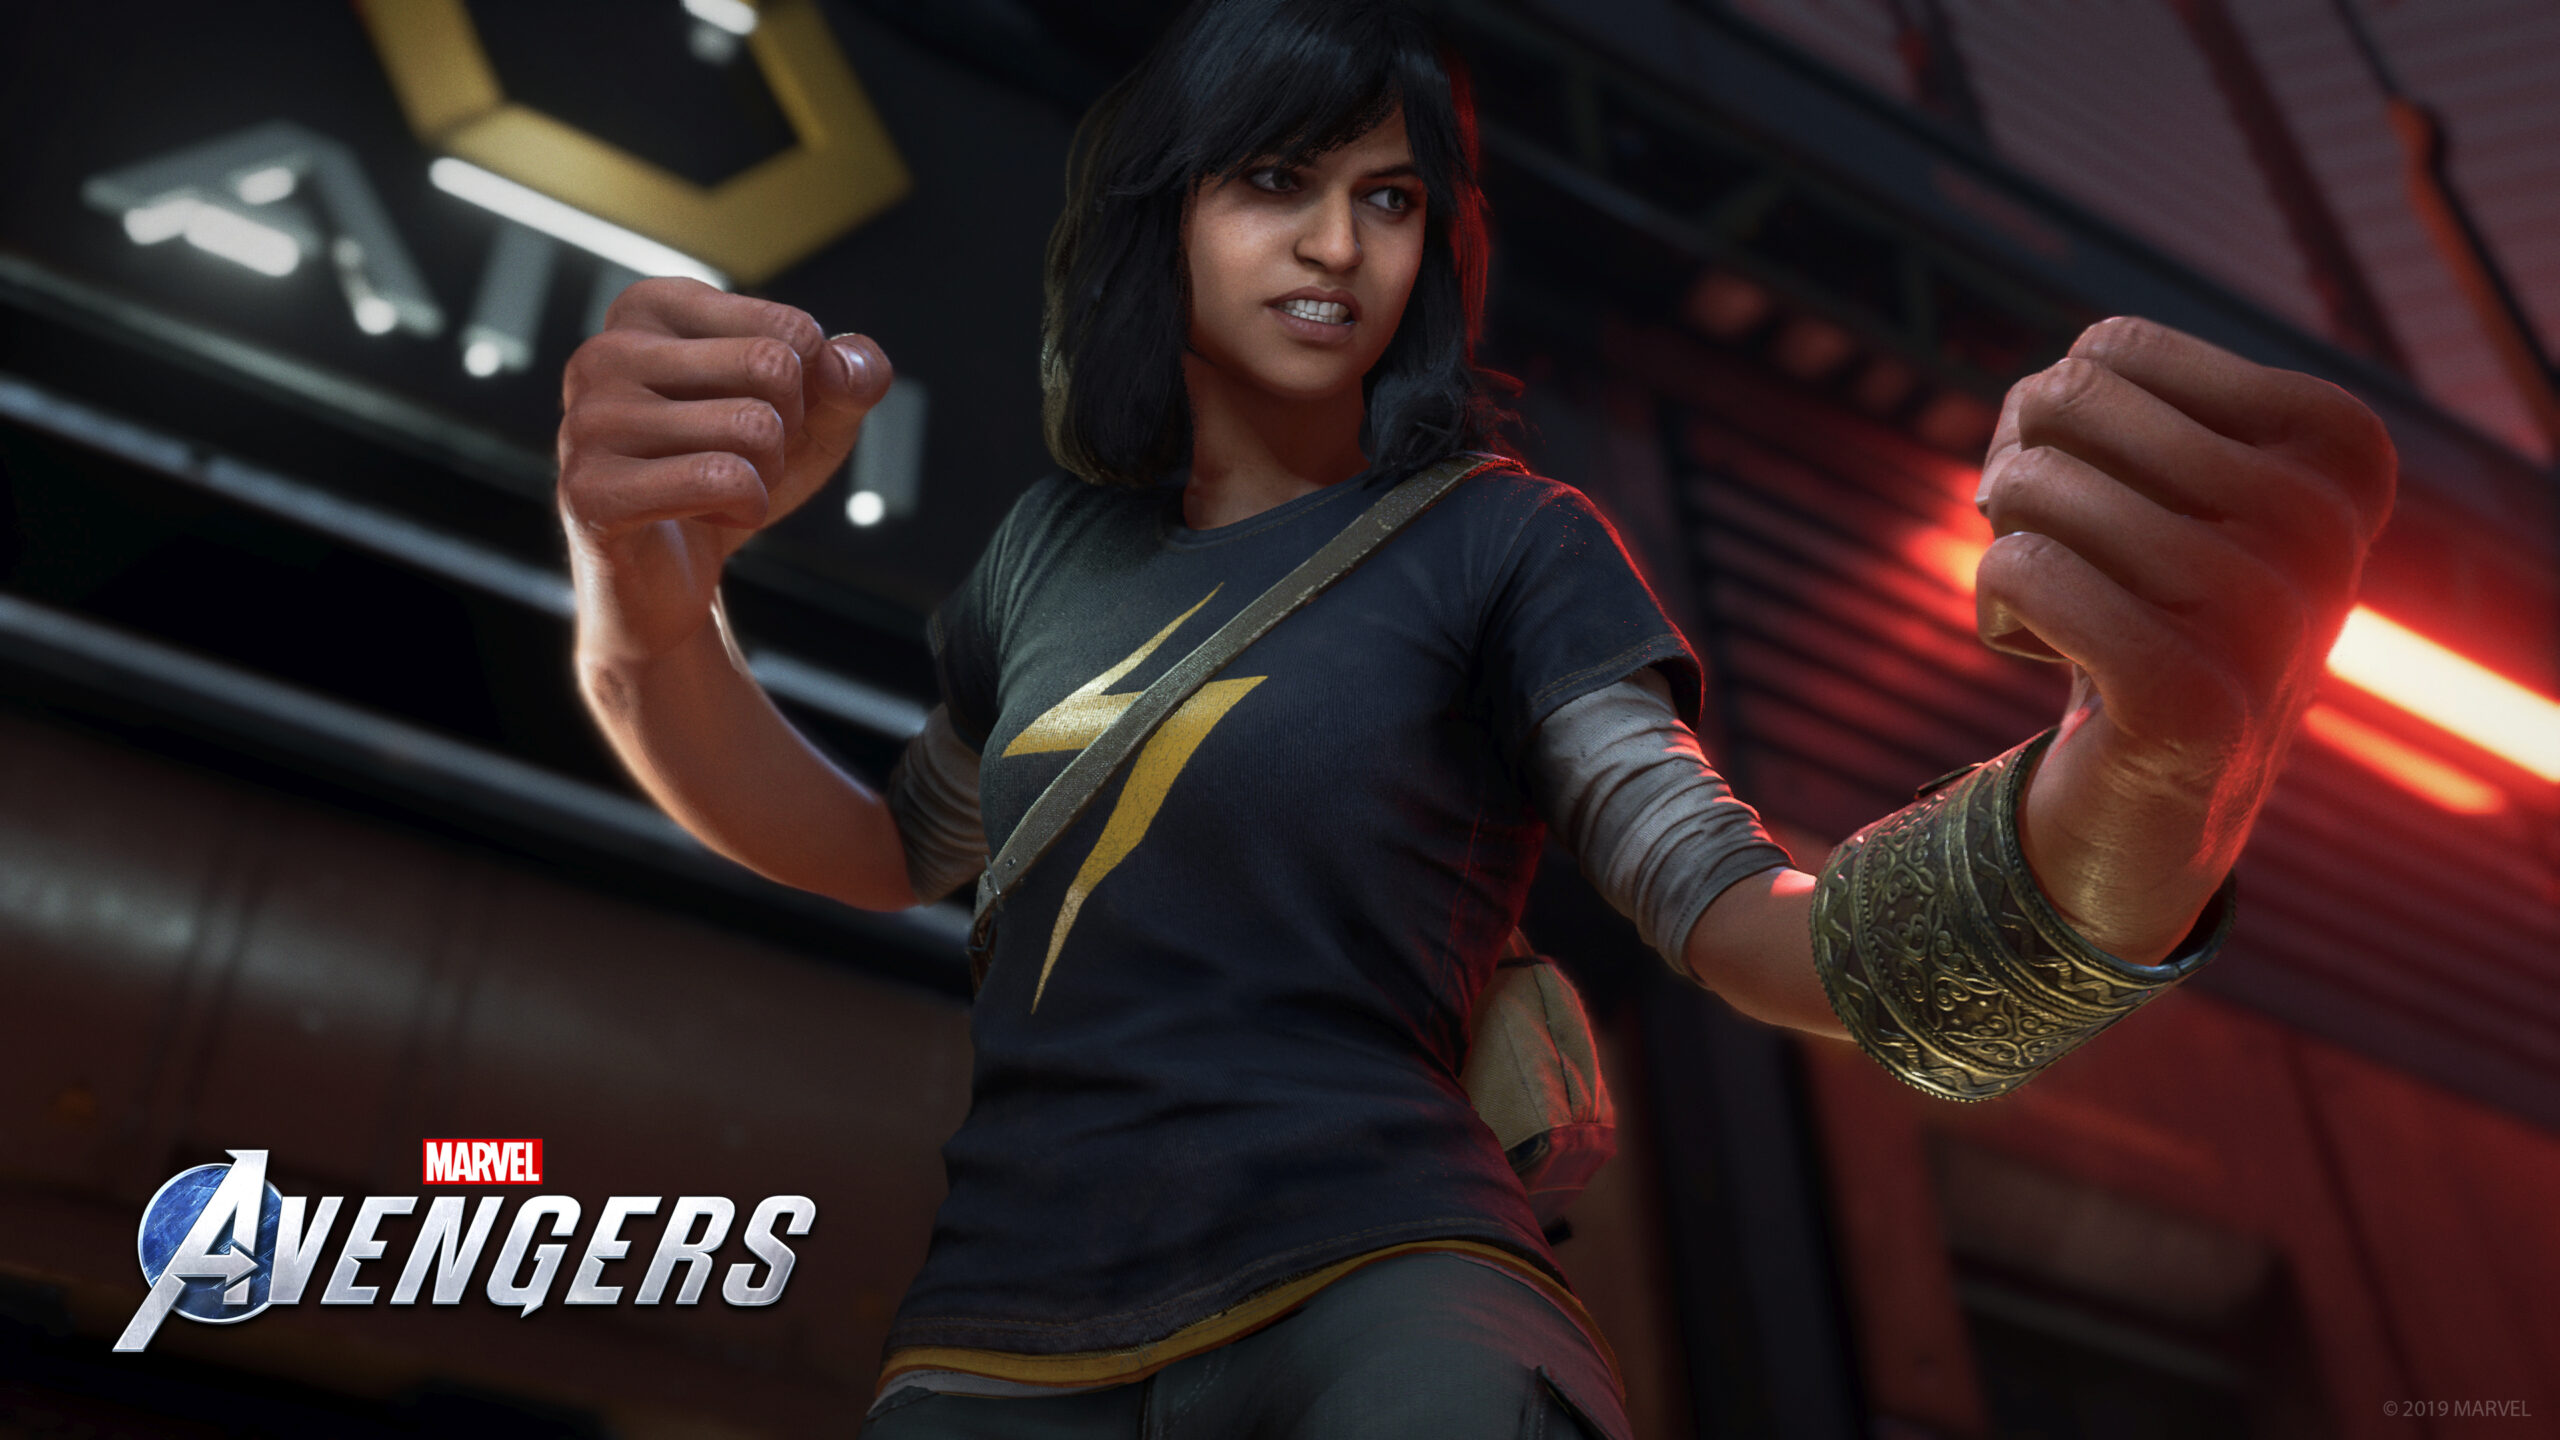 Marvels-Avengers_2019_10-04-19_001